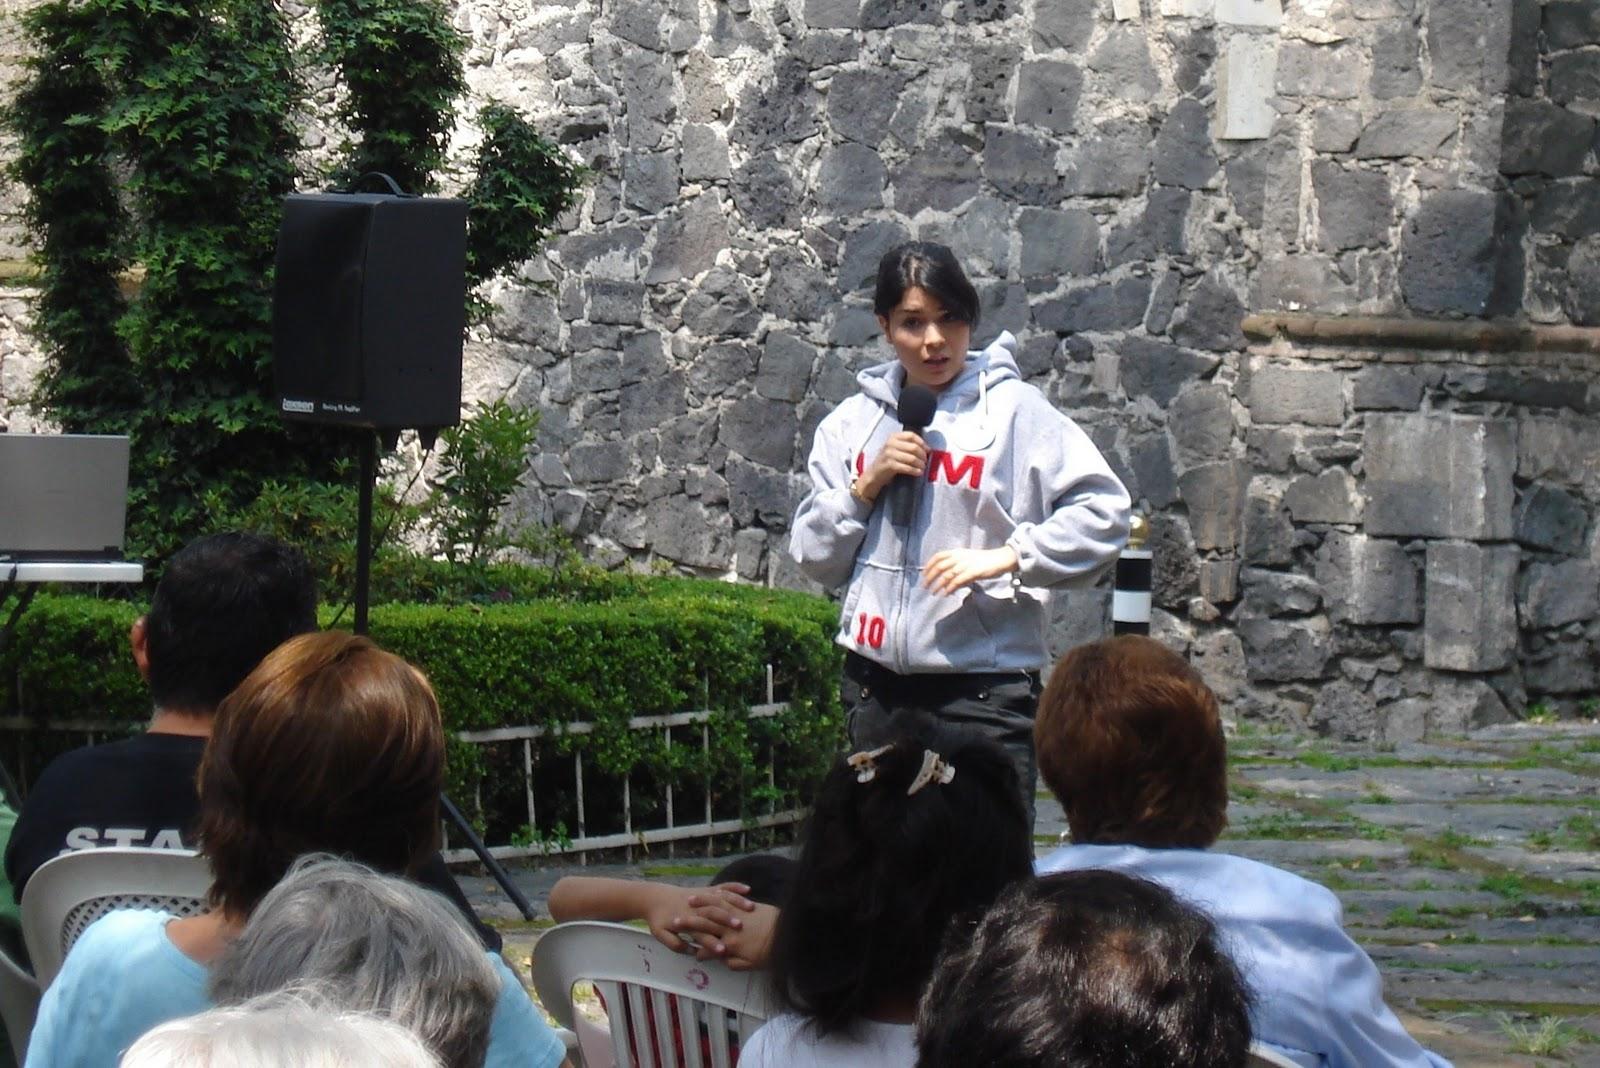 Octubre 2011: OCTUBRE EL MES DE LOS CUENTOS: Octubre 2011